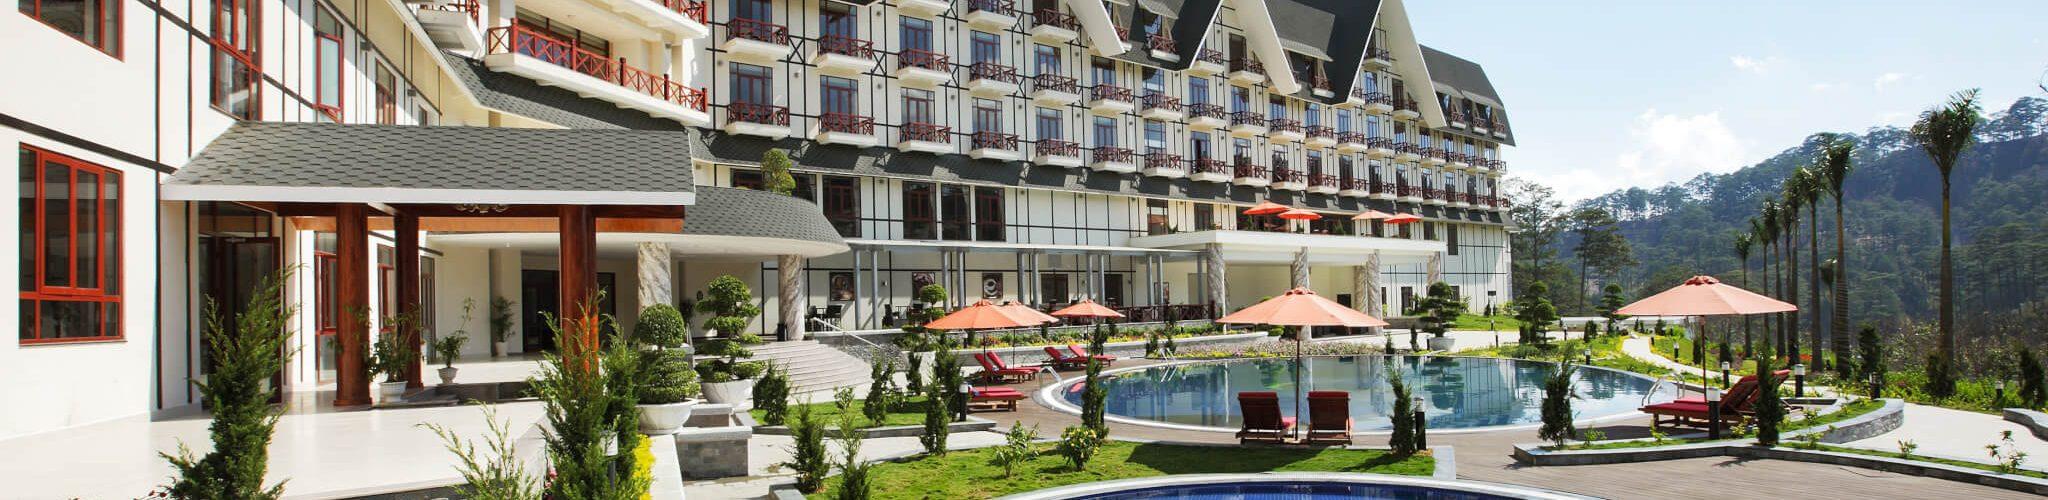 Swiss-Belhotel International faʻalauteleina i Vietnam ma fou faletalimalo ma nofoaga malolo